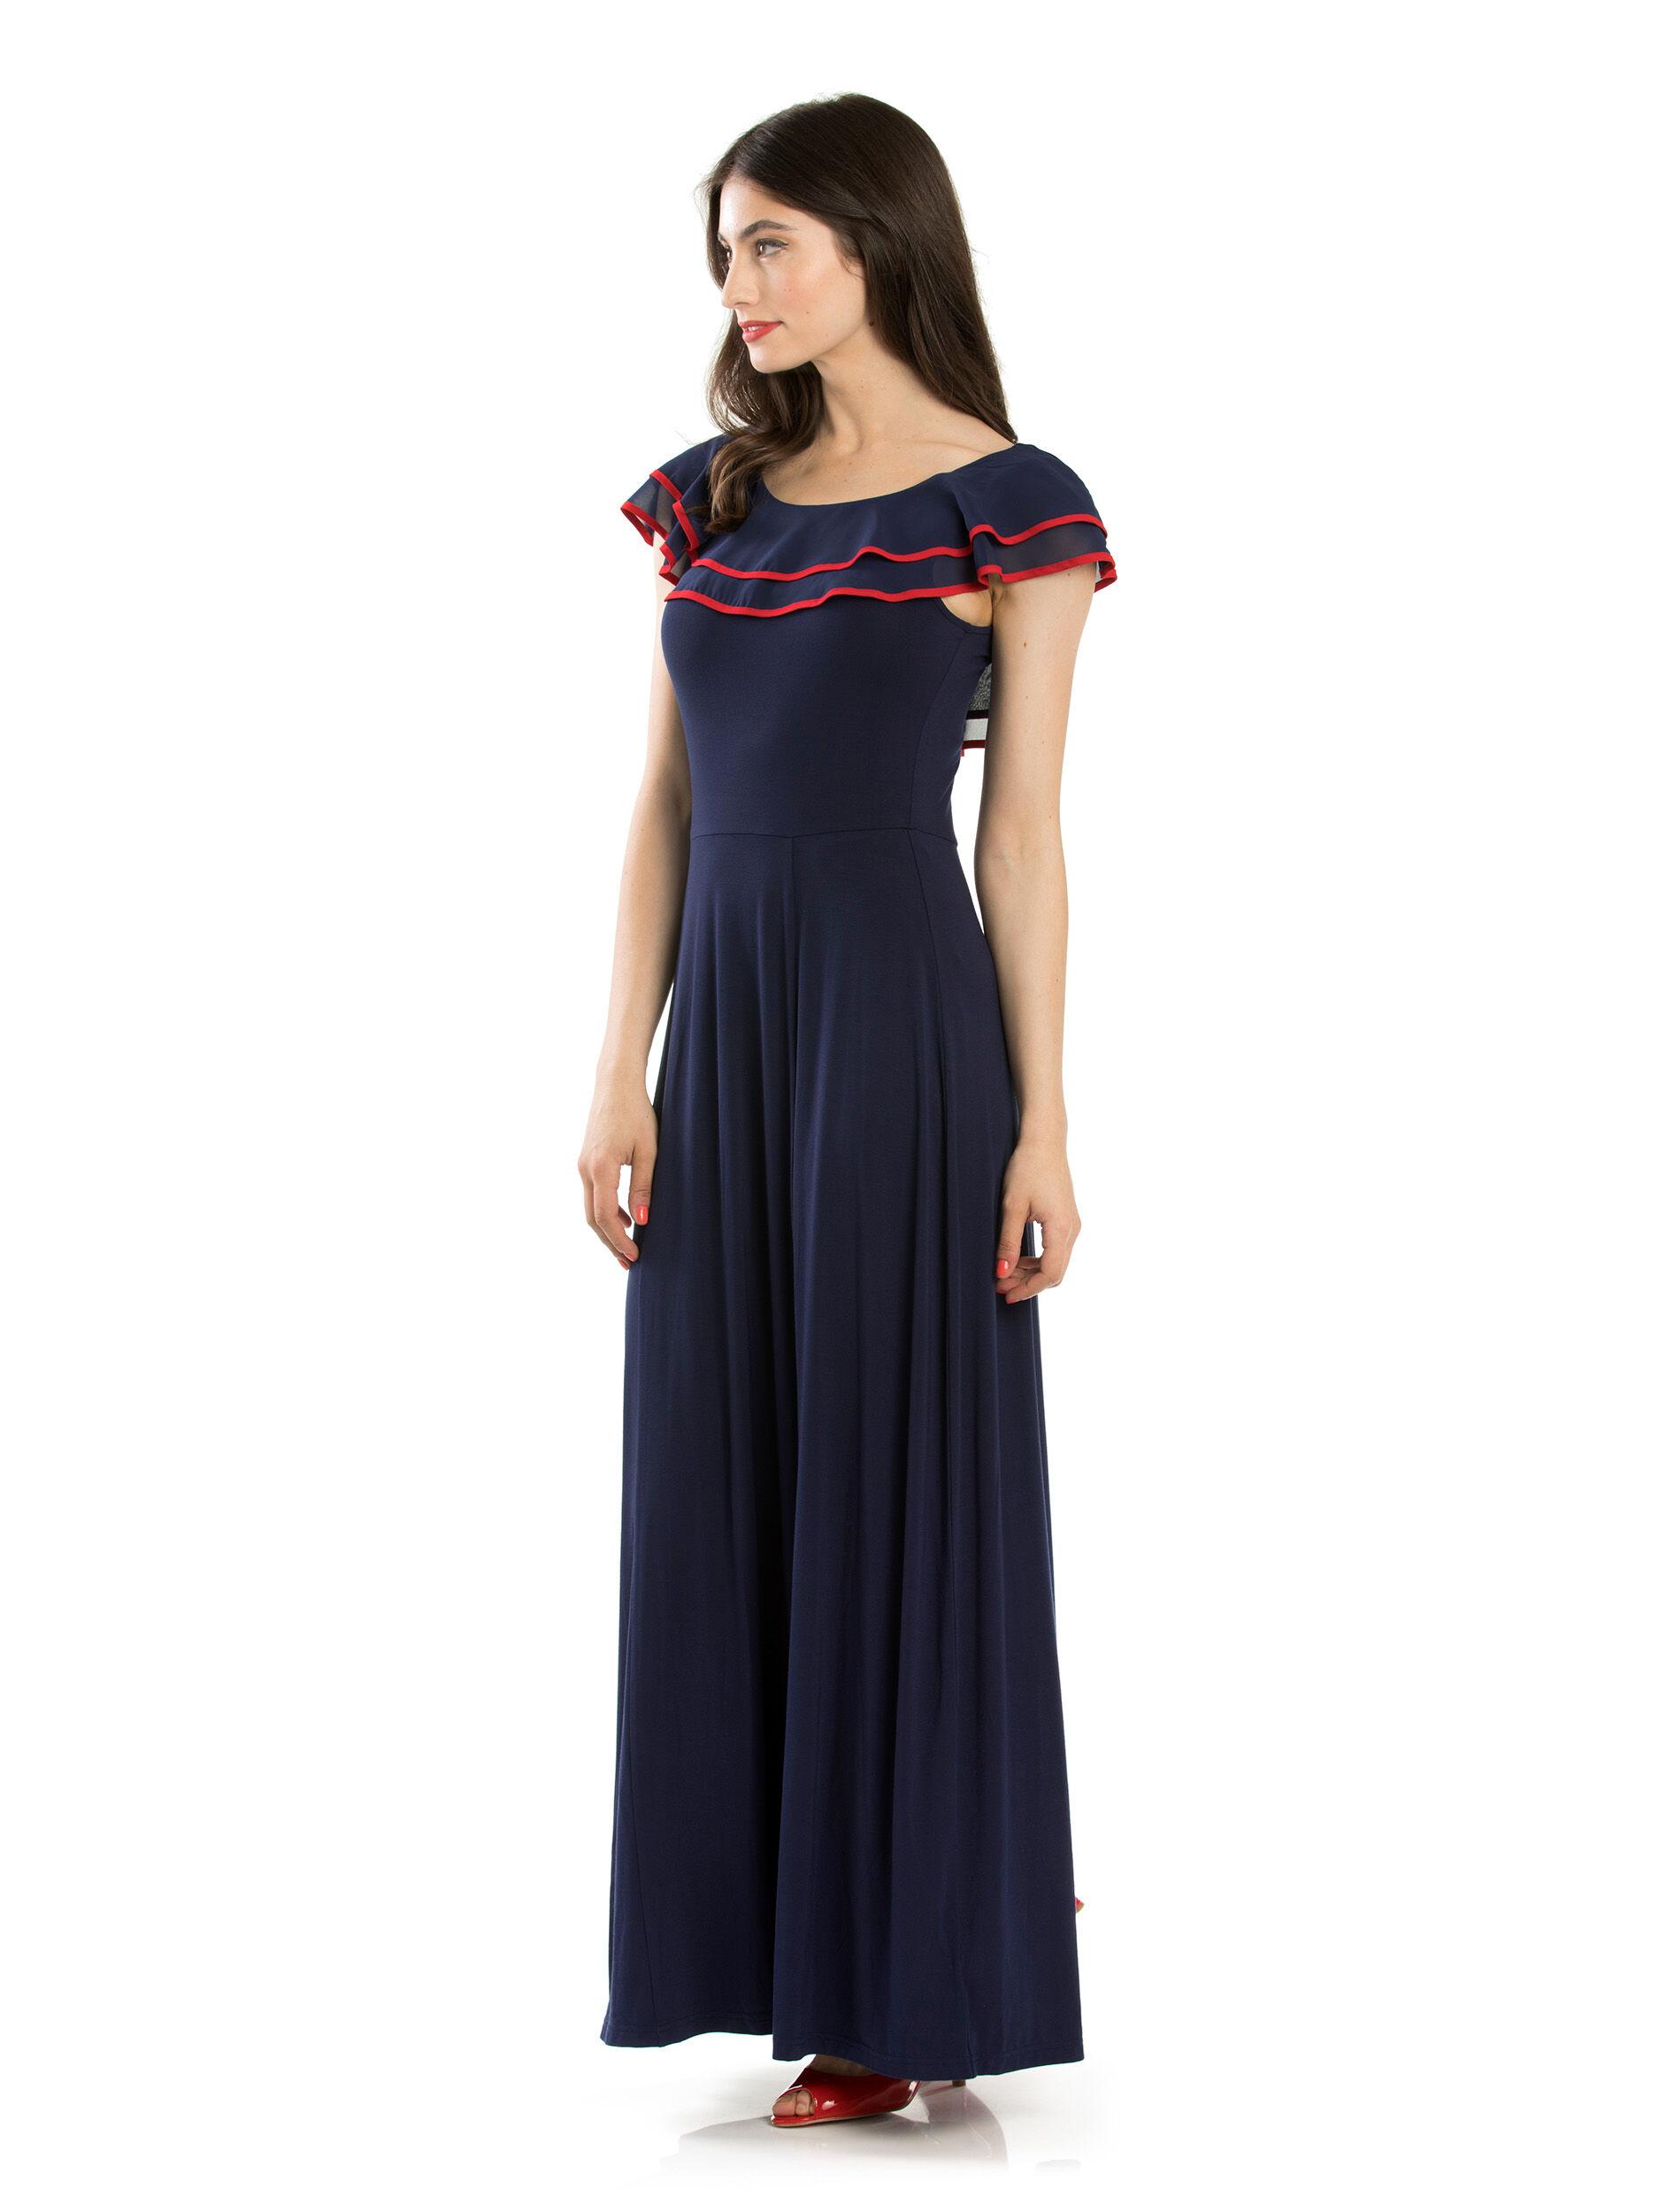 Holiday Maxi Dress